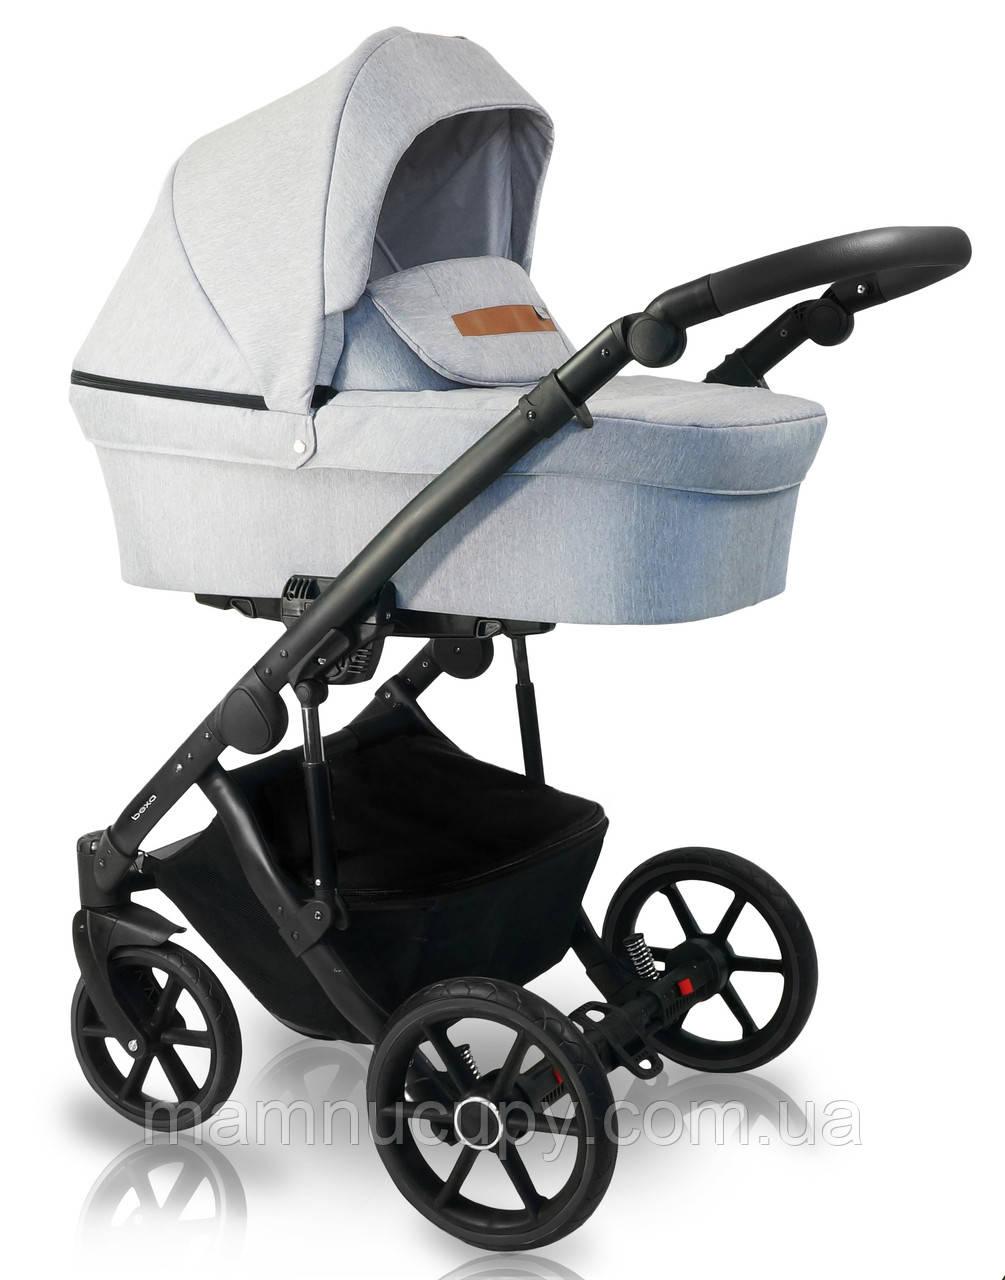 Дитяча універсальна дитяча коляска 2 в 1 Bexa Line 2.0 L3 (бекса лайн)